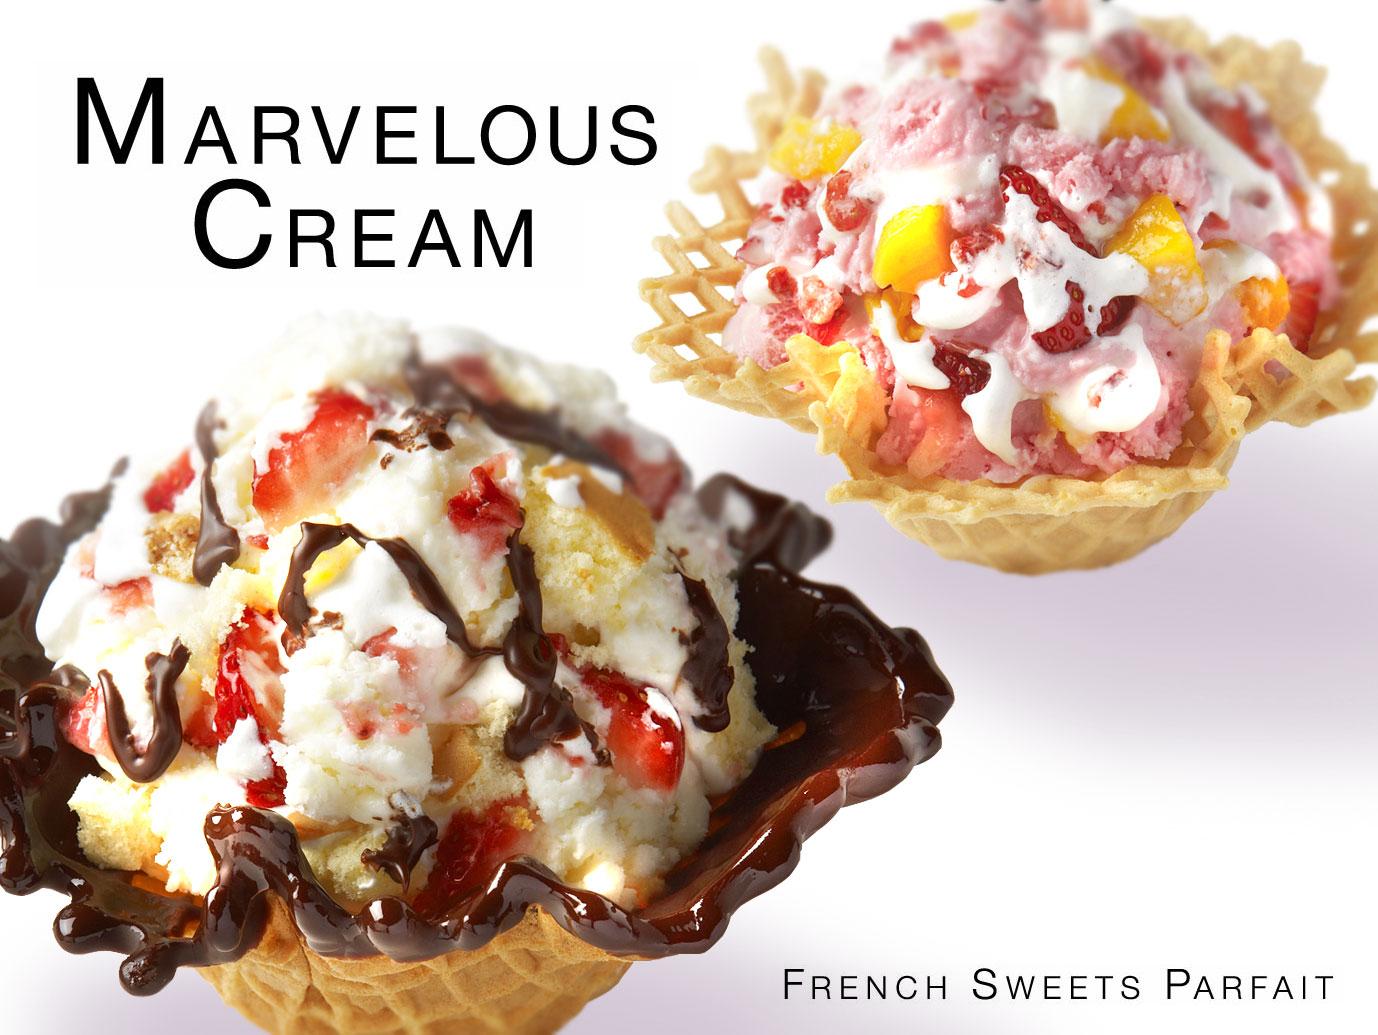 宝石のようなアイス 初の路面店出店!話題のミキシングアイス『マーベラスクリーム』|プレスリリ..